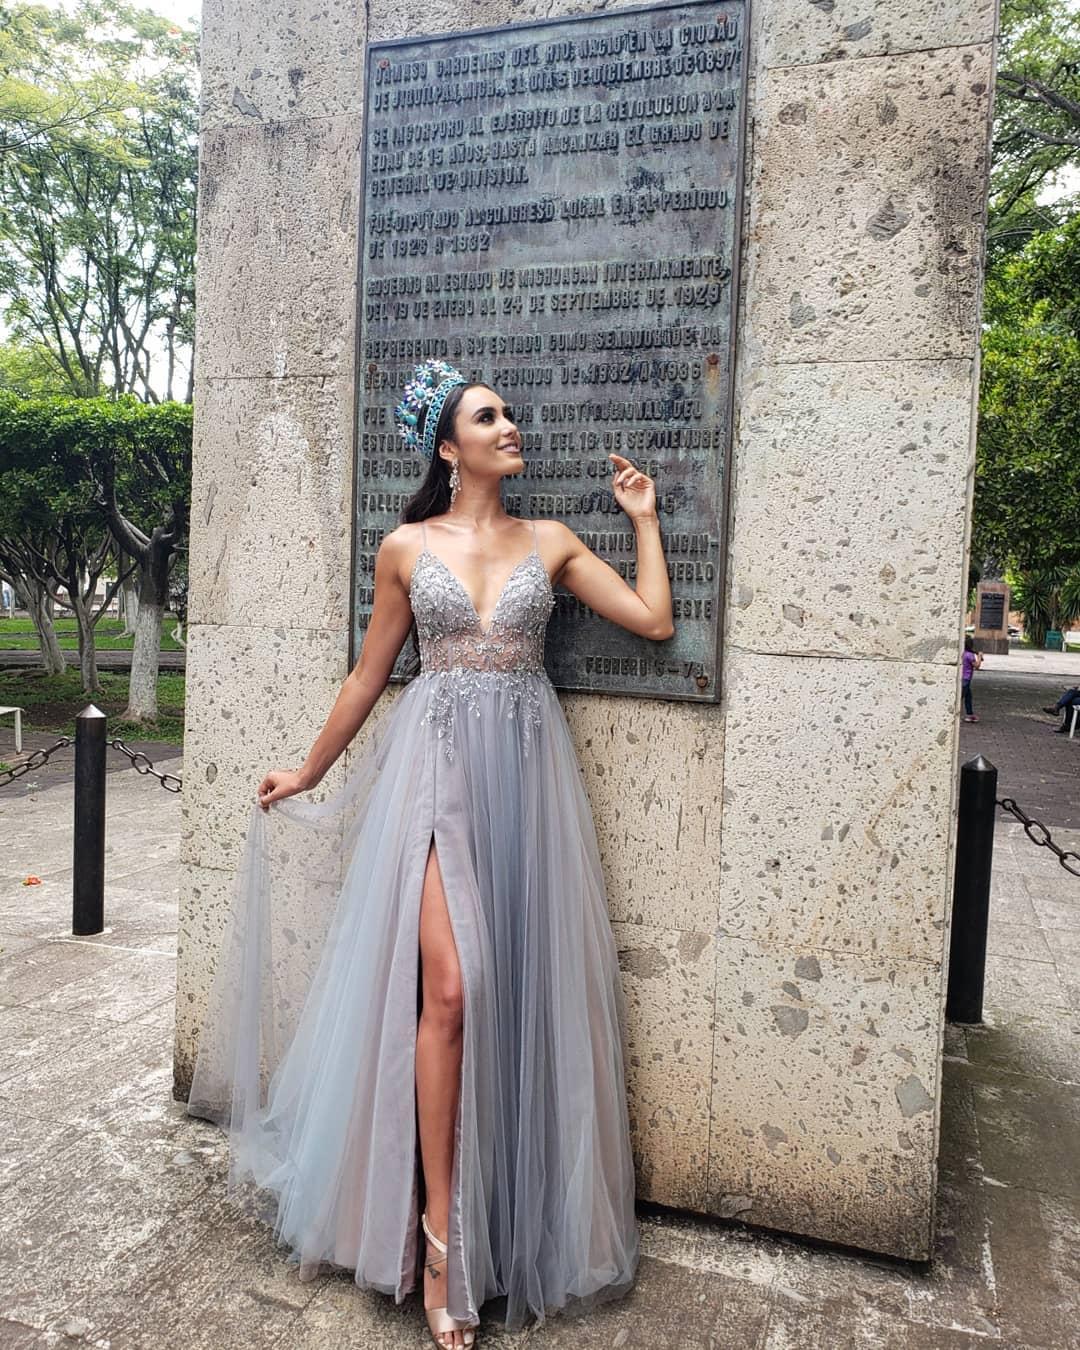 karolina vidales, candidata a miss mexico (mundo) 2020, representando michoacan. - Página 7 70857010